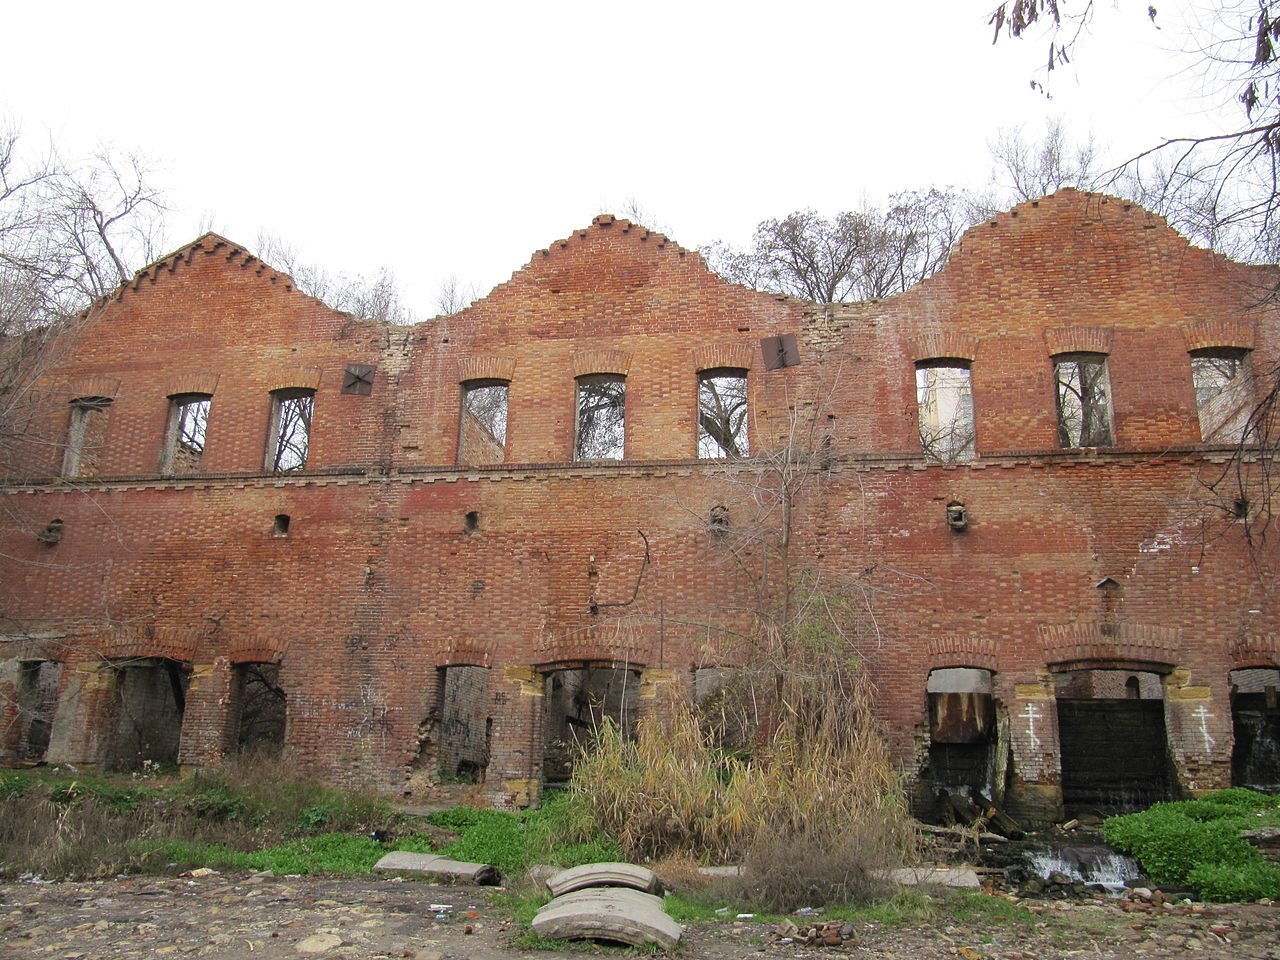 Парамоновские склады в Ростове-на-Дону, фасад одного из корпусов